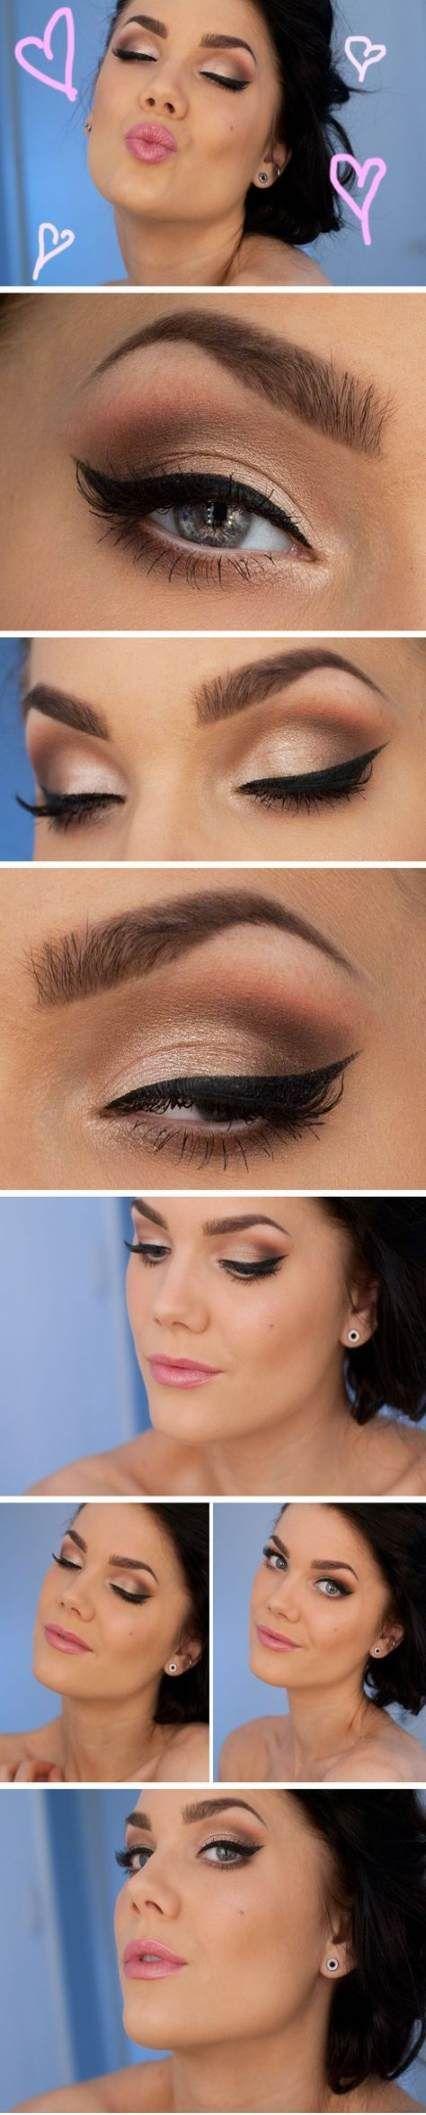 Eye makeup wedding winged liner 28 ideas #wingedliner